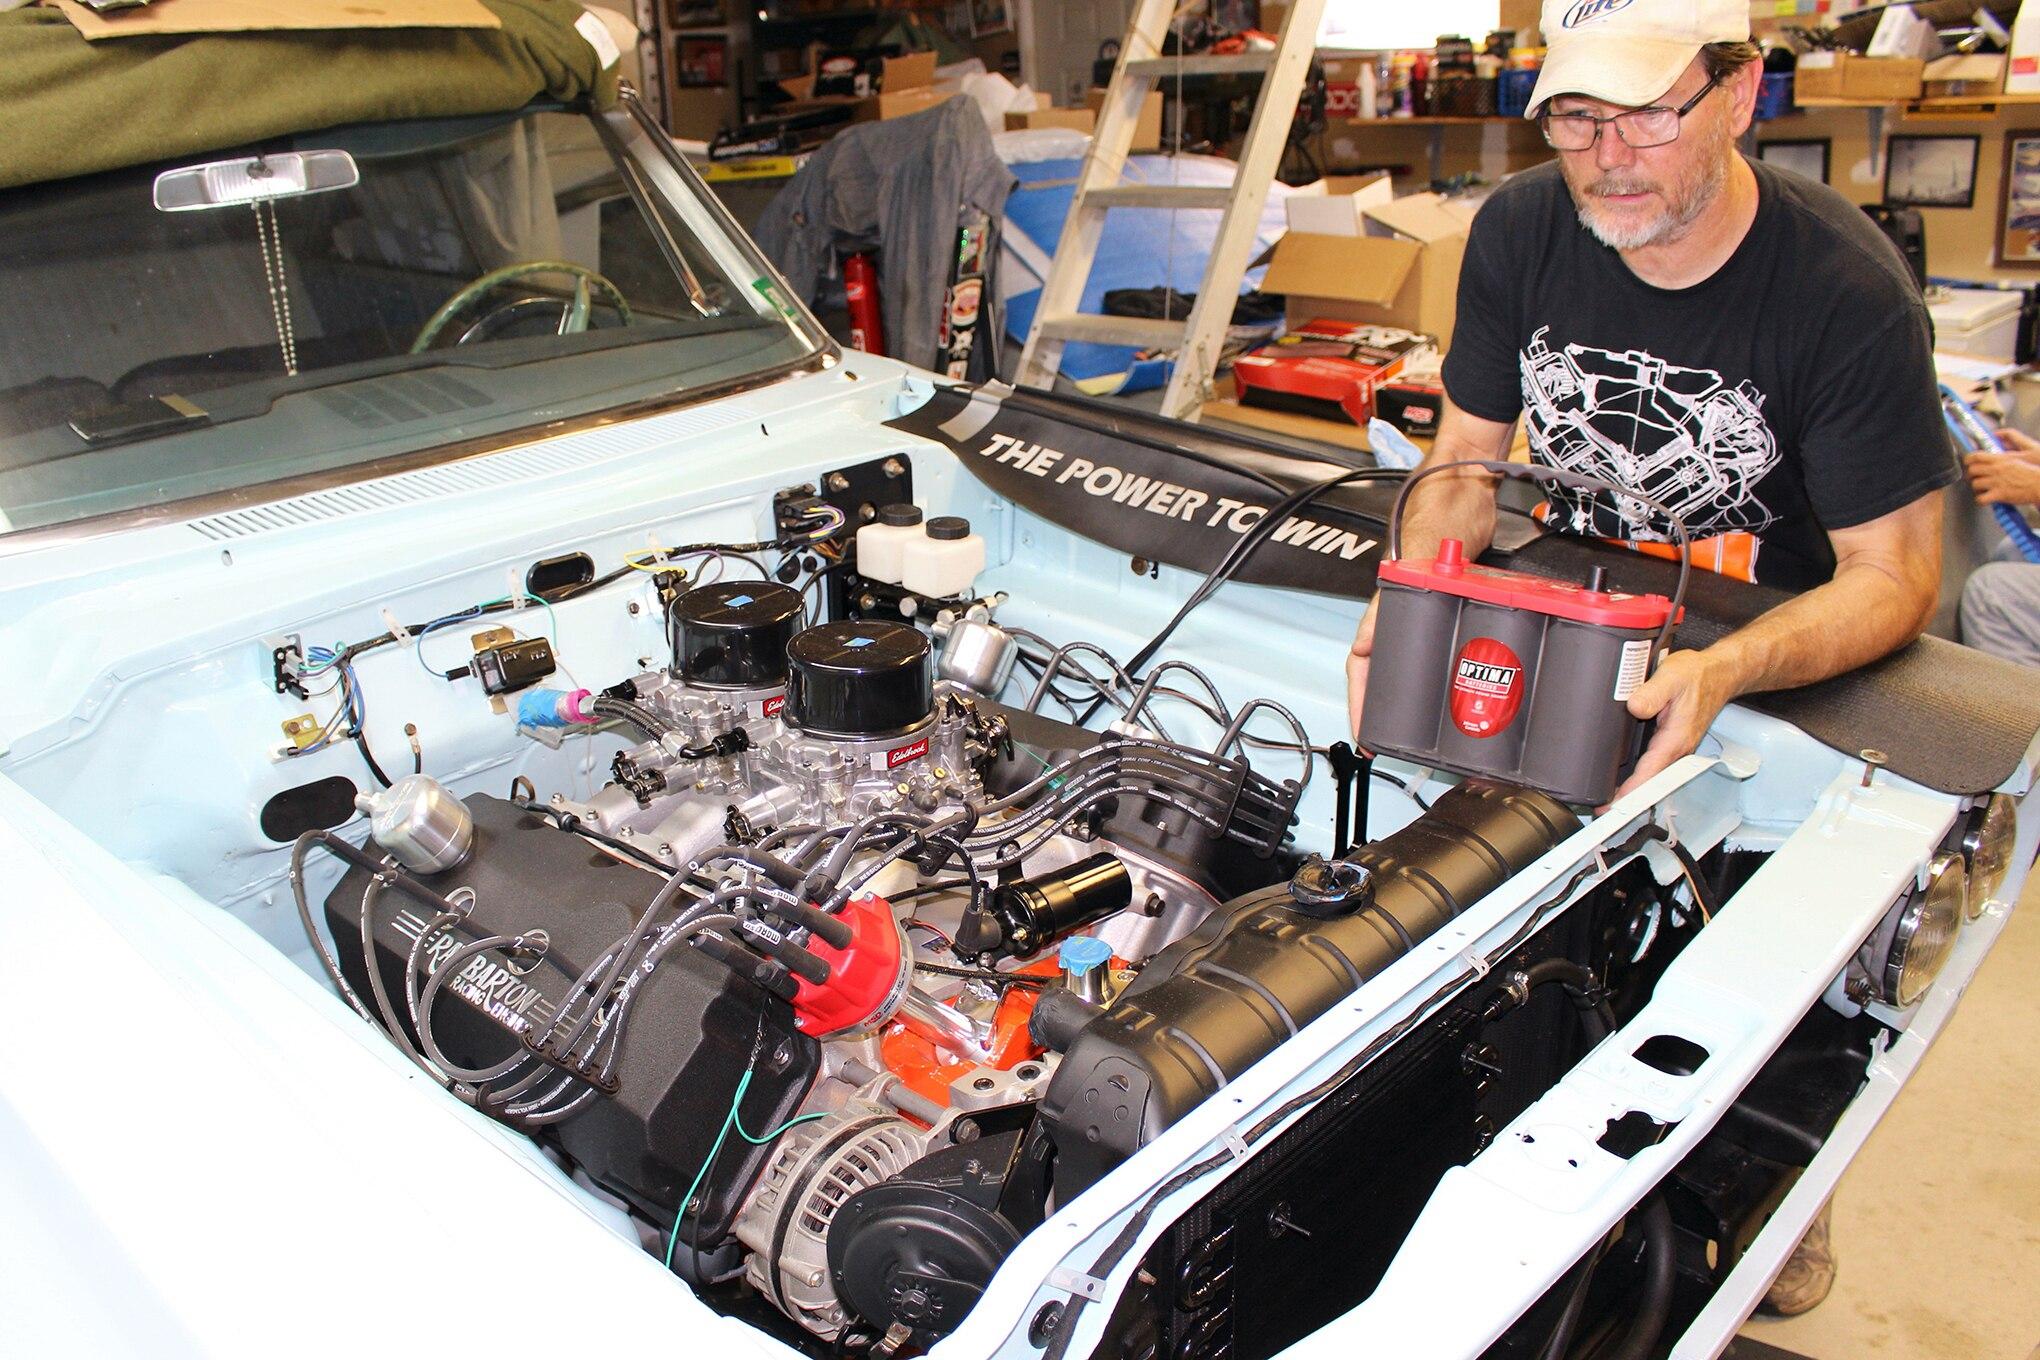 69 Camaro Tach Wiring Diagram 2014 Audi A6 Wiring Diagram Heaterrelaay Losdol2 Jeanjaures37 Fr